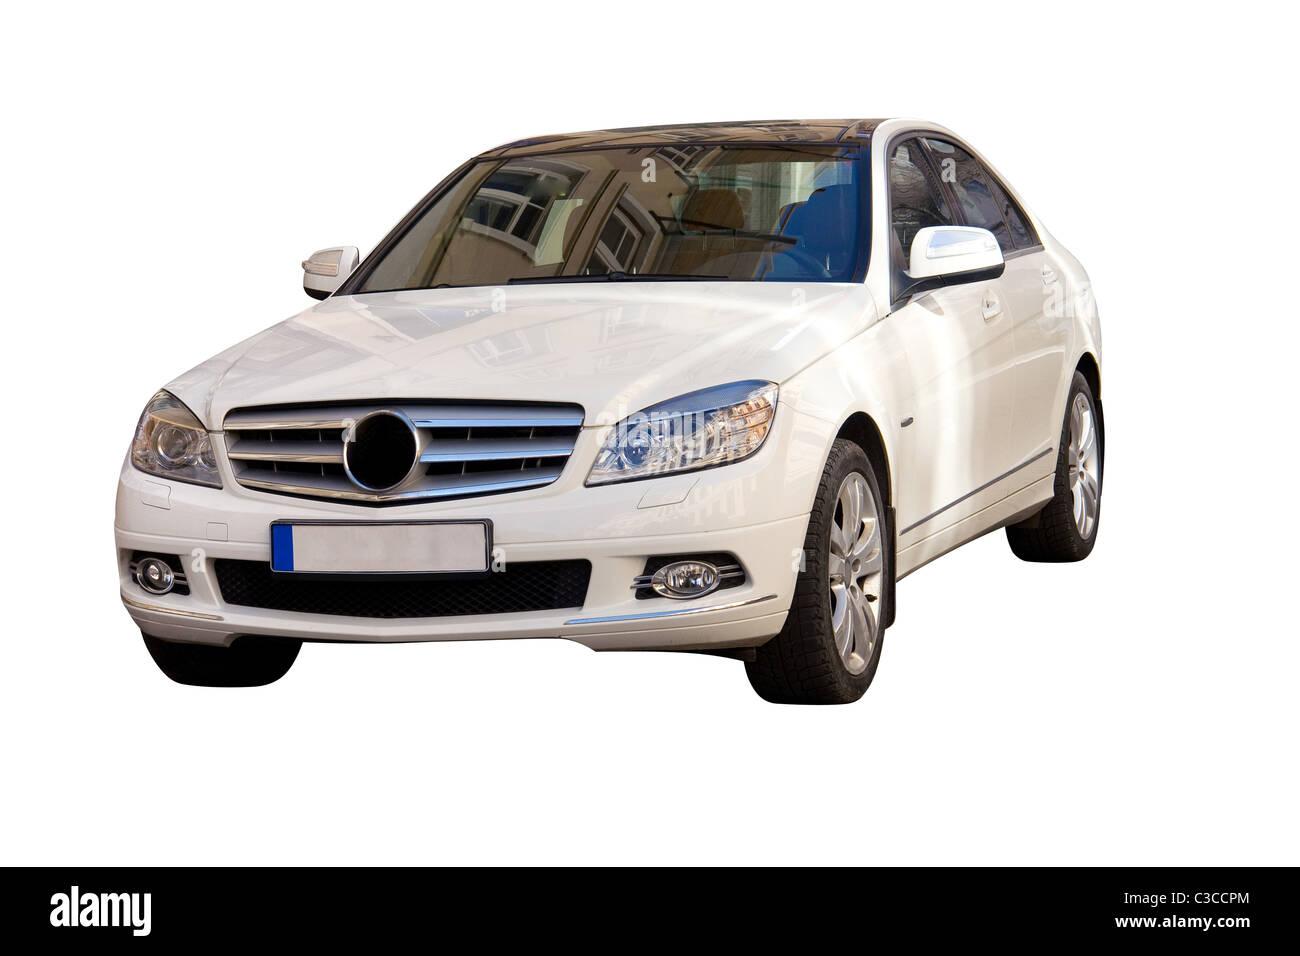 Nouvelle voiture familiale moderne blanc sur fond blanc Photo Stock